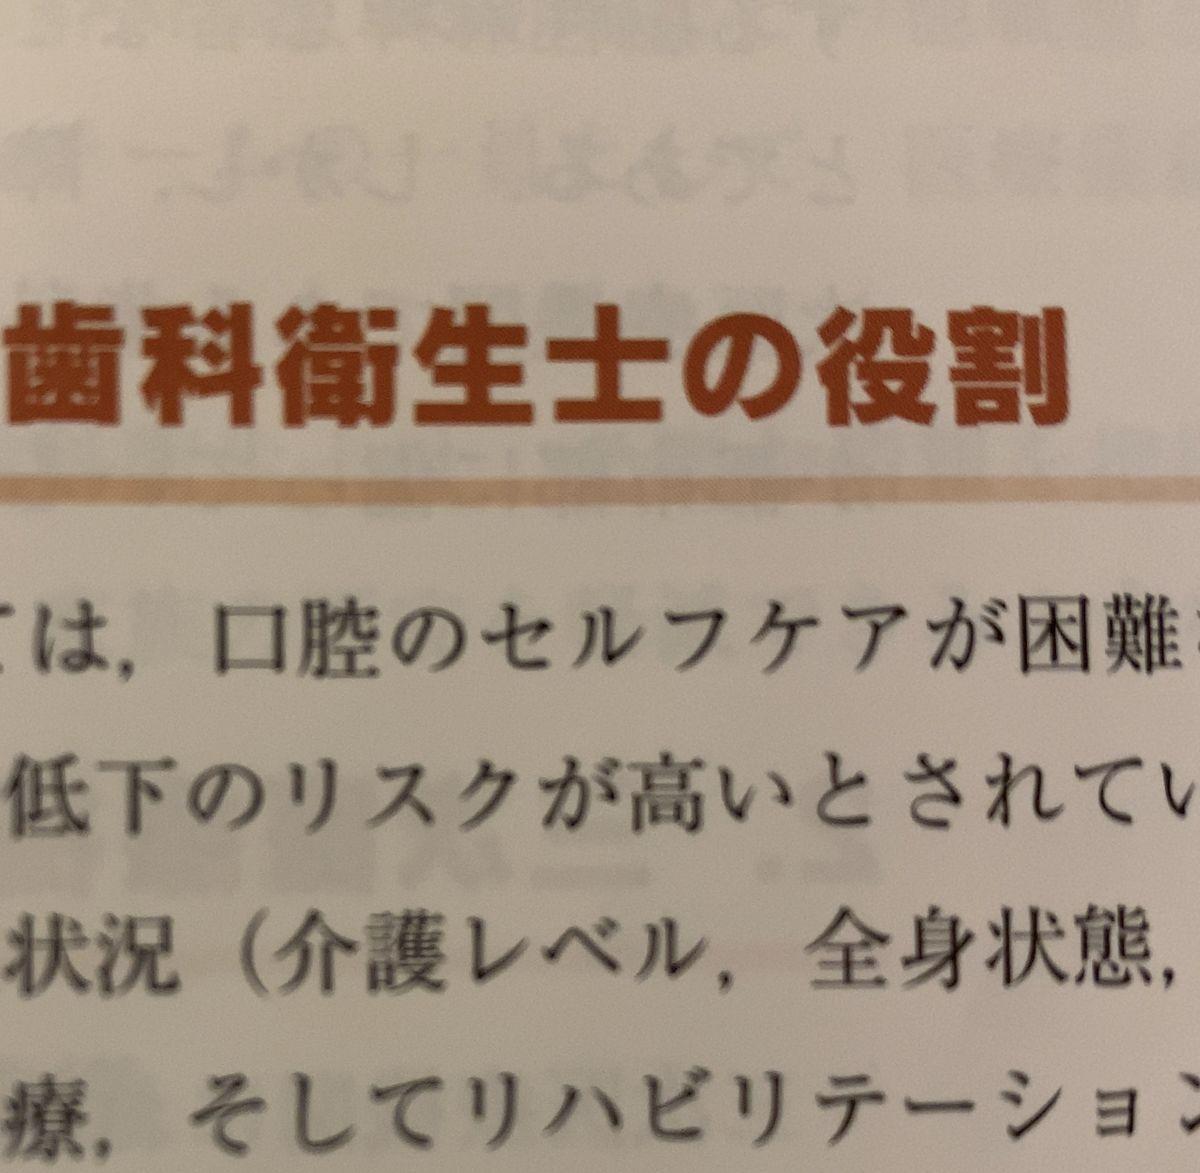 f:id:miyake-yuu:20210615231633j:plain